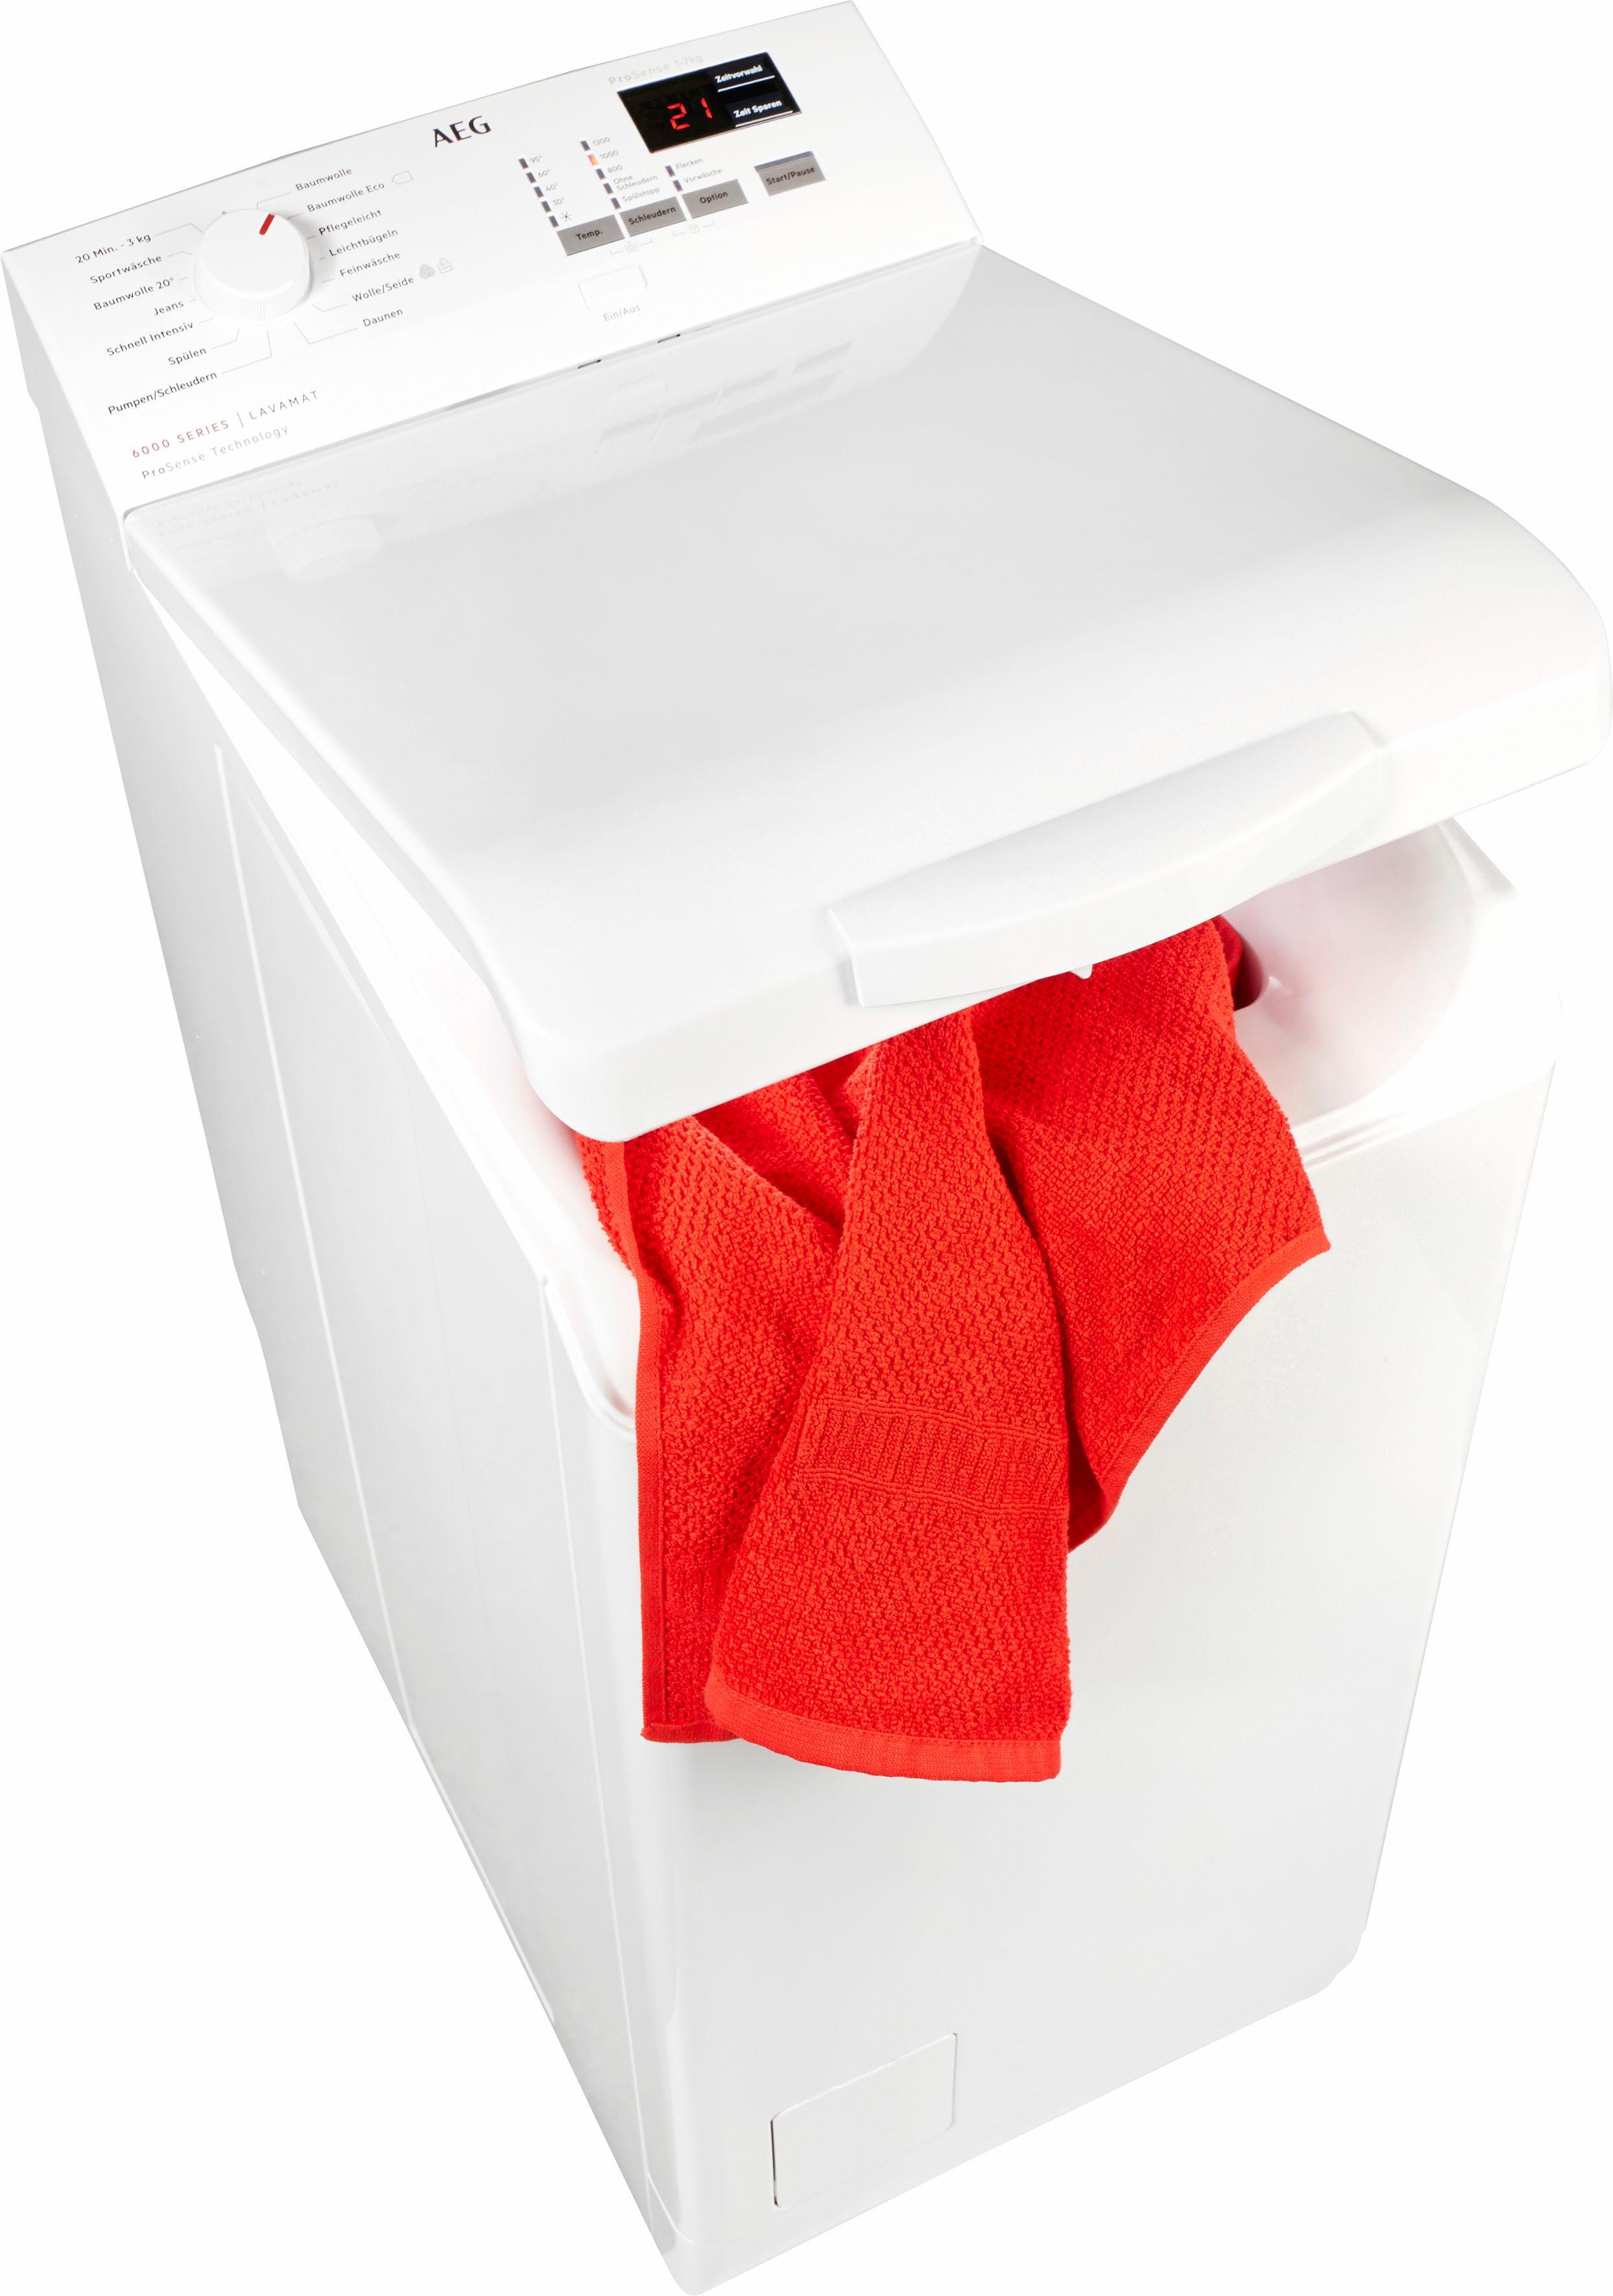 AEG Waschmaschine Toplader 6000 L6TB41270 | Bad > Waschmaschinen und Trockner > Toplader | AEG ELECTROLUX